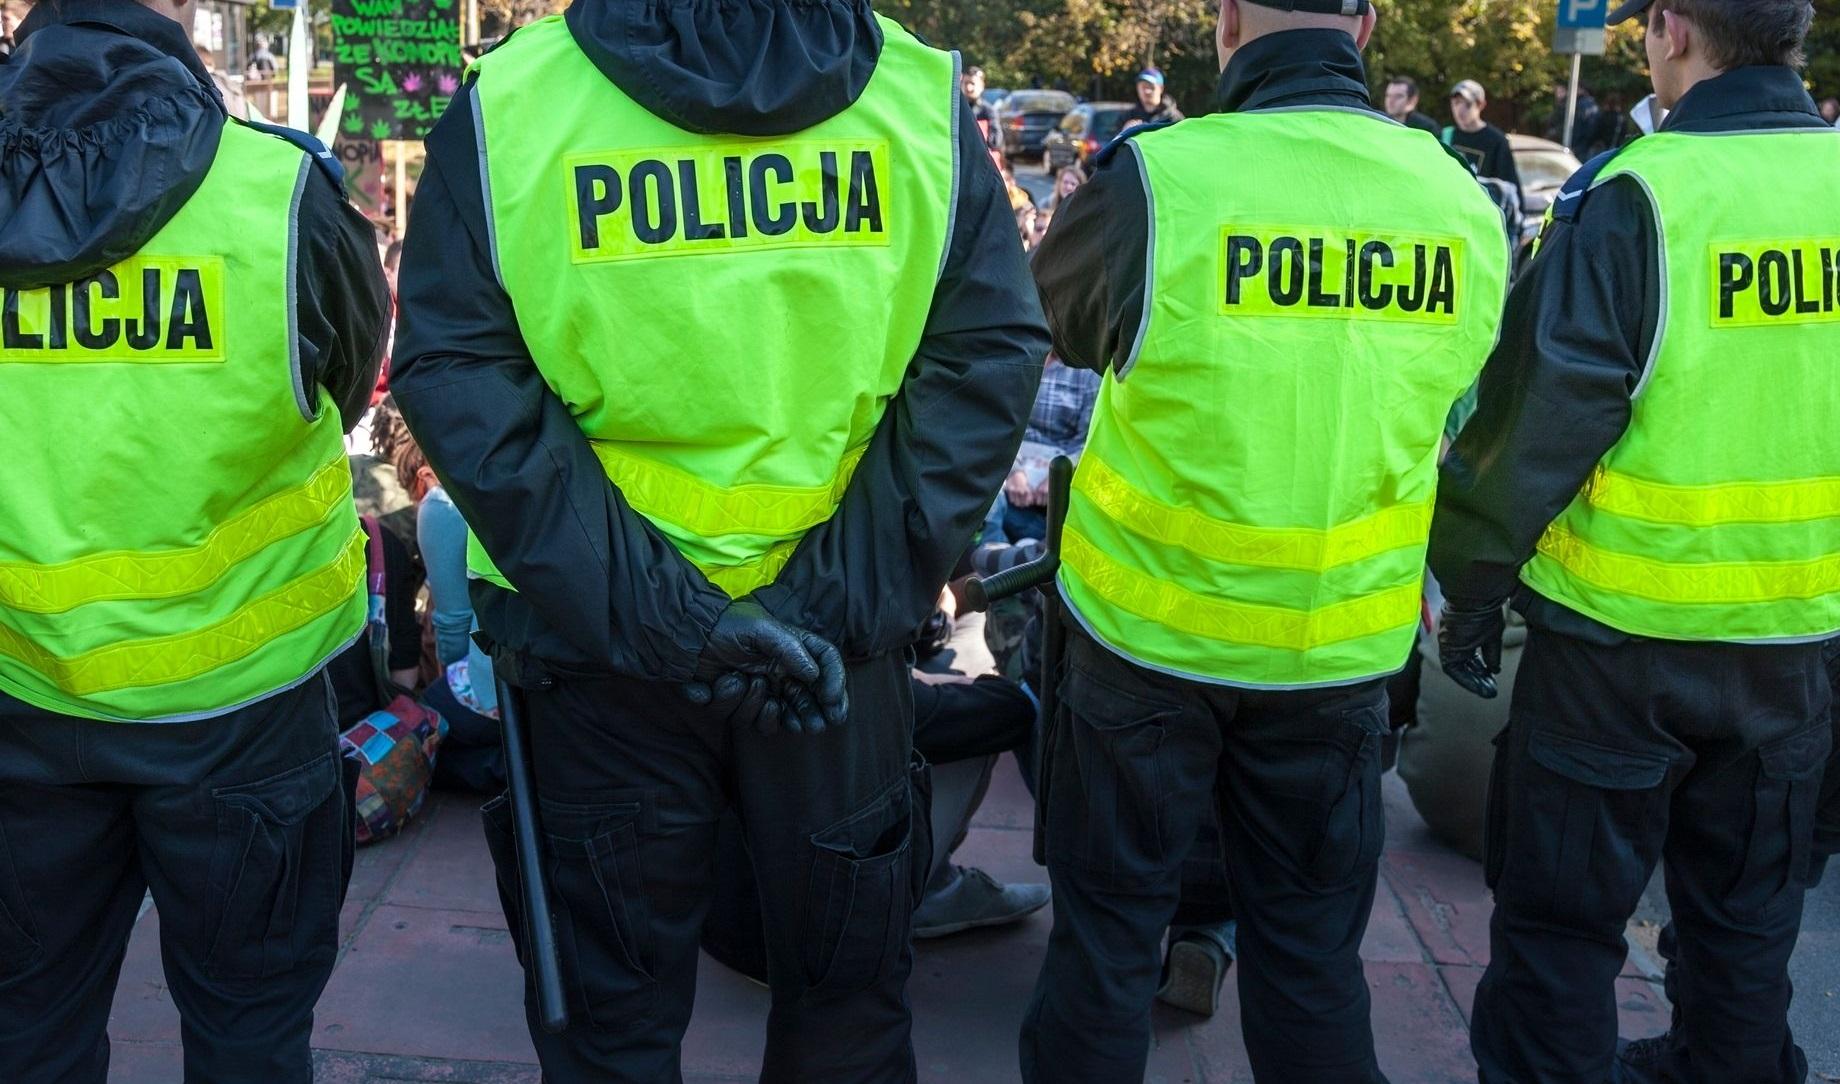 Płocka policja zapowiada więcej patroli w Wielkanoc. Będą kontrole kierowców, maseczek i… kościołów - Zdjęcie główne